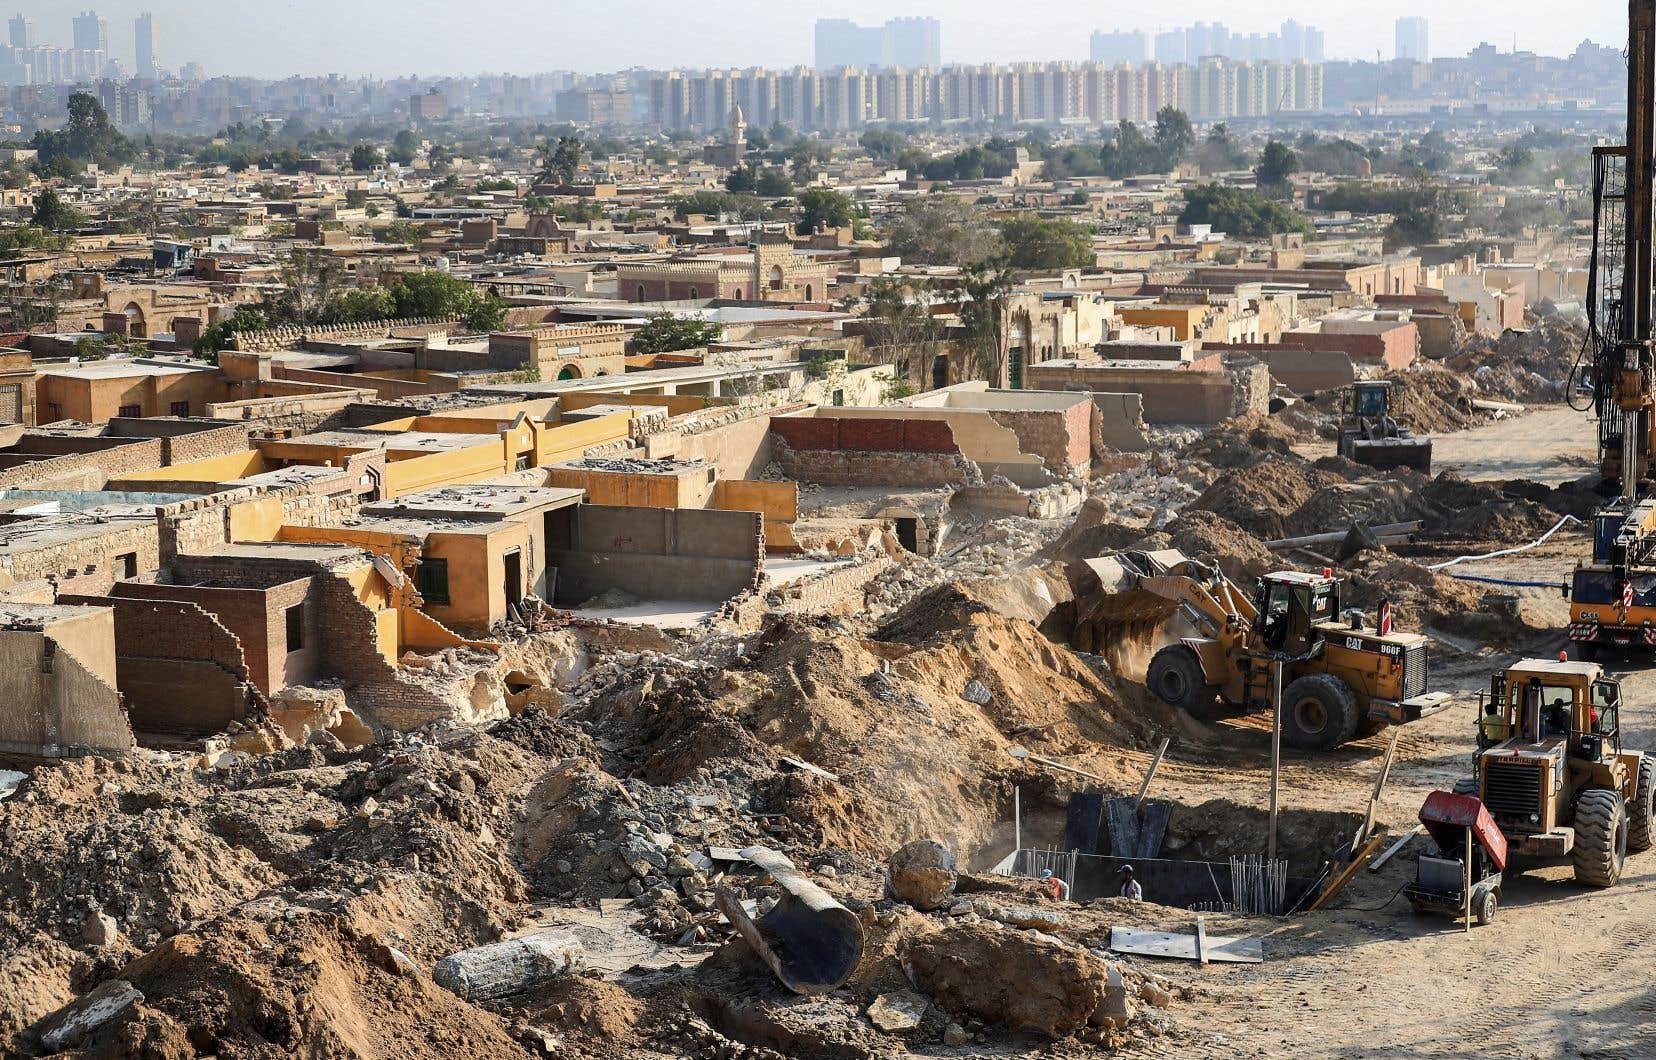 Cette photo, prise le 22 juillet dernier, montre une vue des démolitions et des travaux de construction en coursd'un nouveau pont qui passera par le cimetière de Basatin, au sud du vieux Caire historique.